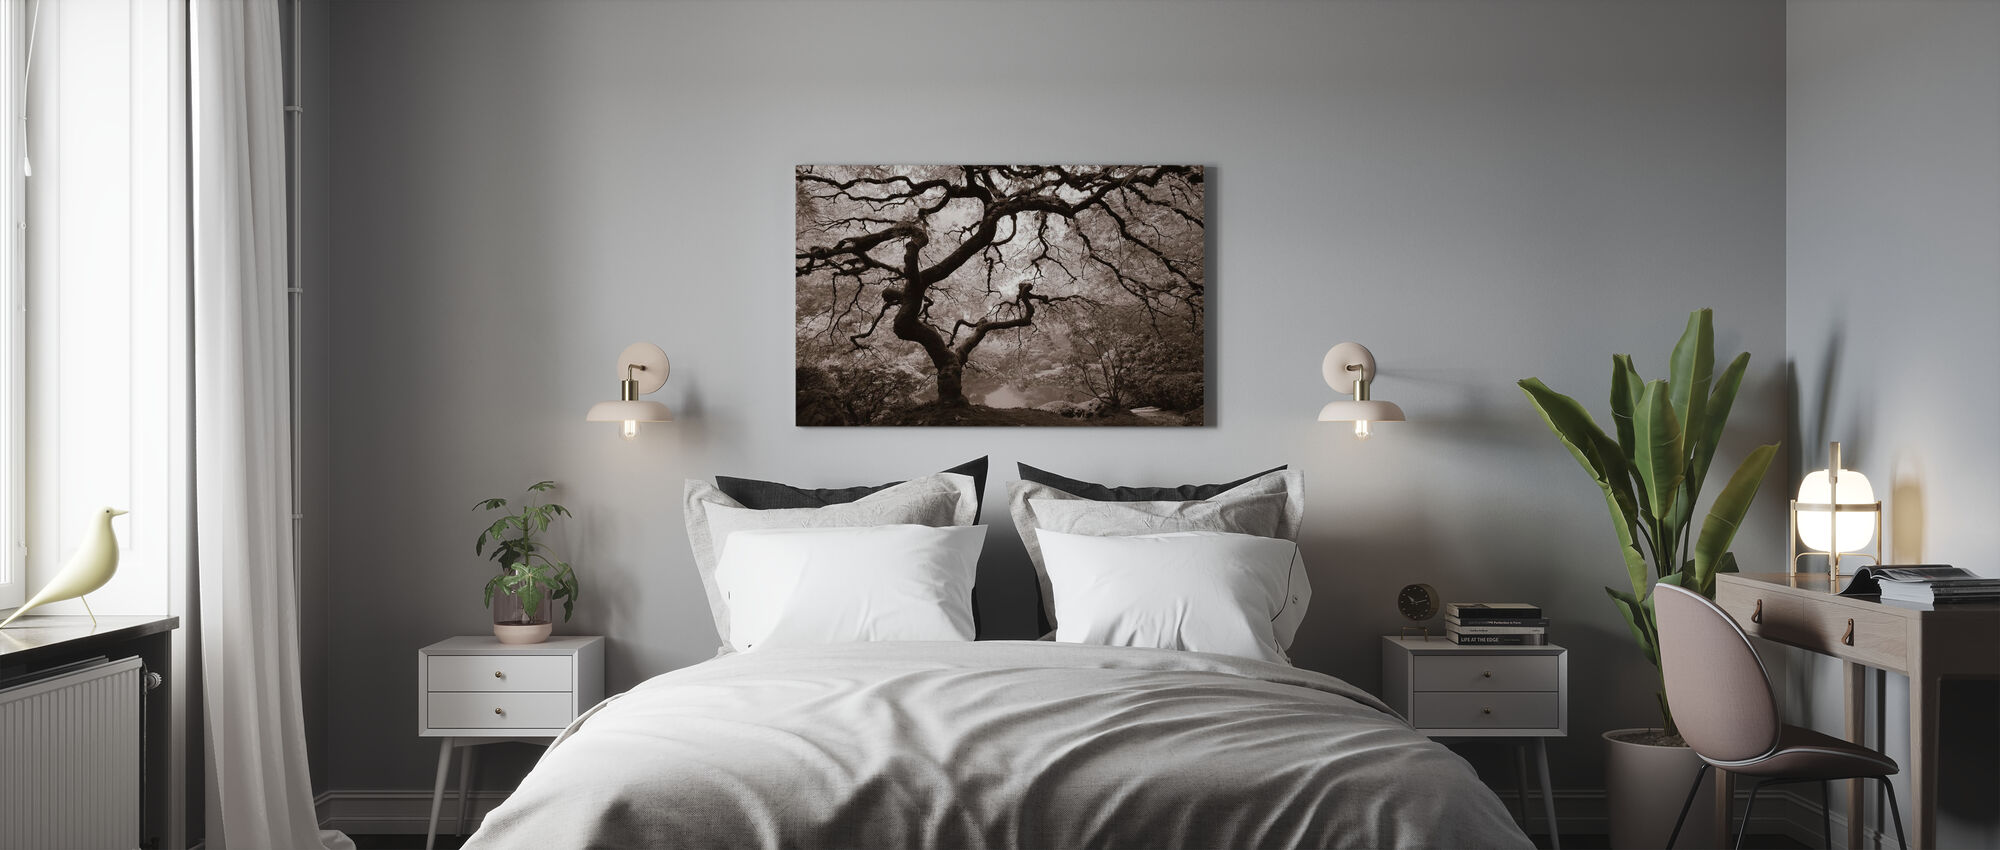 Herfst esdoorn - Canvas print - Slaapkamer